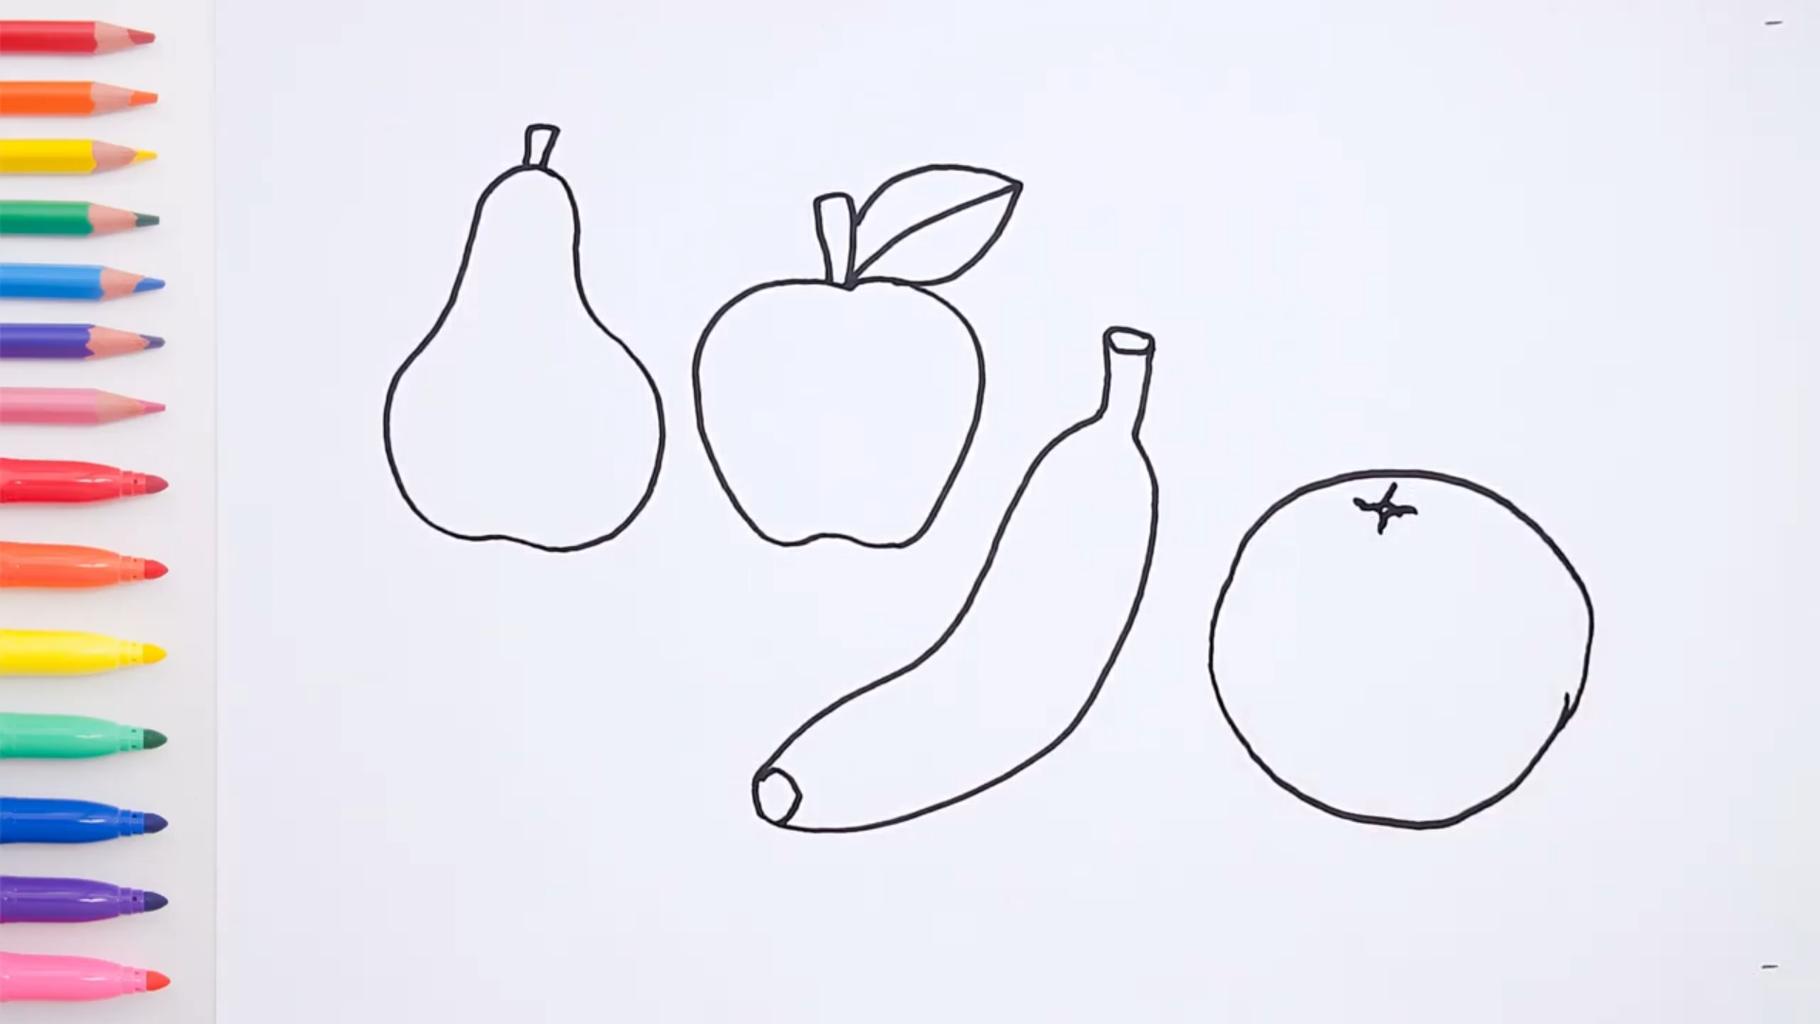 Draw the Orange